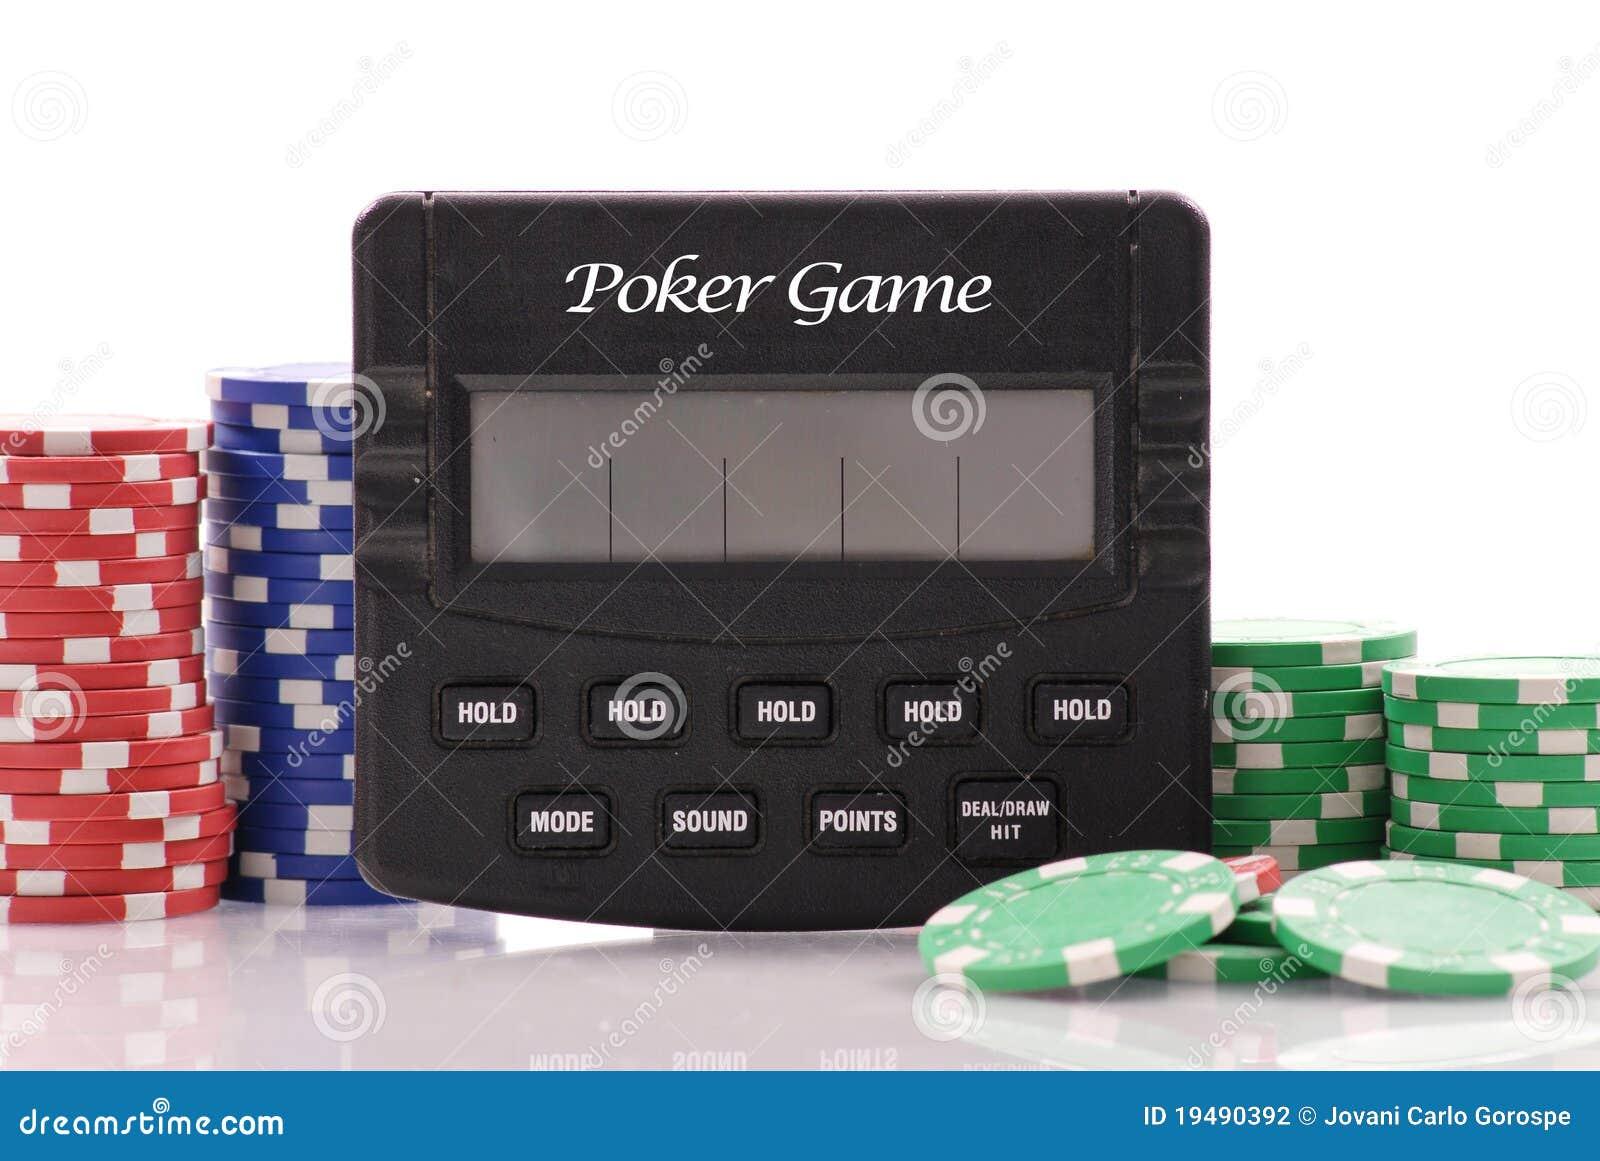 ace poker 99336 jovani